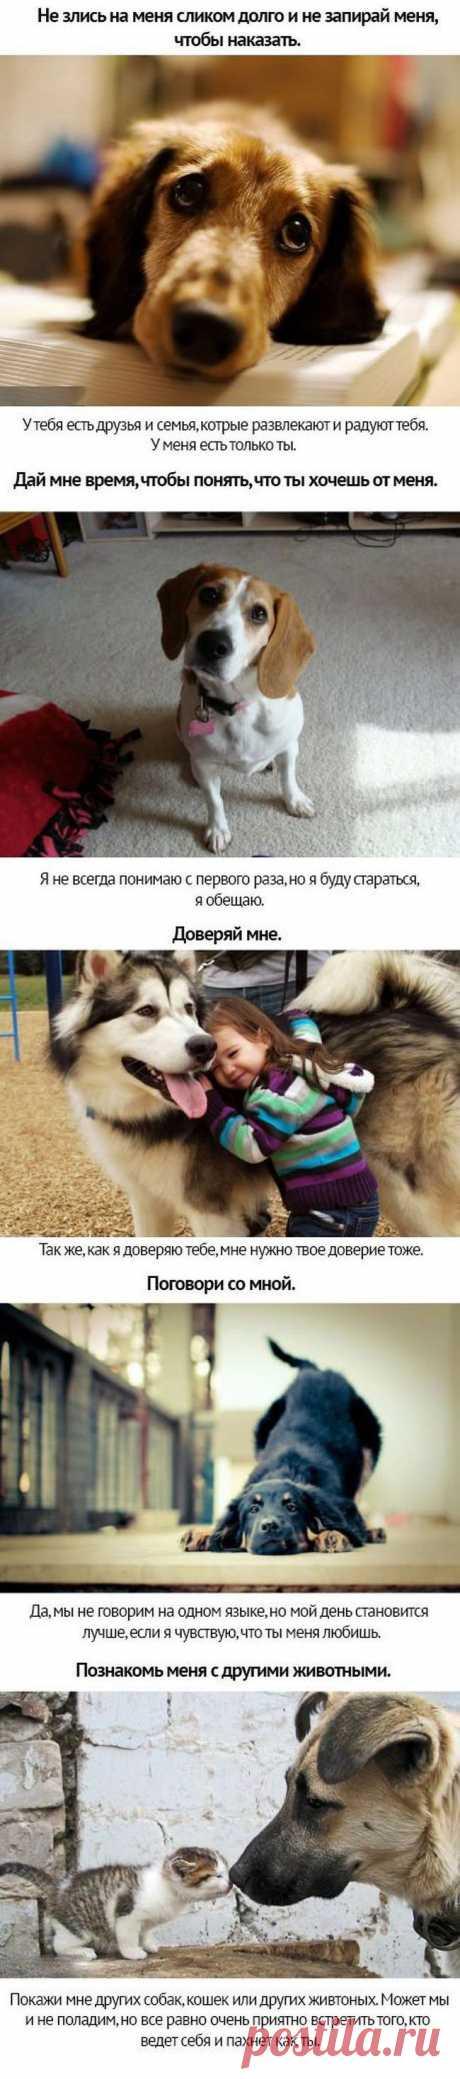 Собачьи просьбы - обрати на меня внимание...